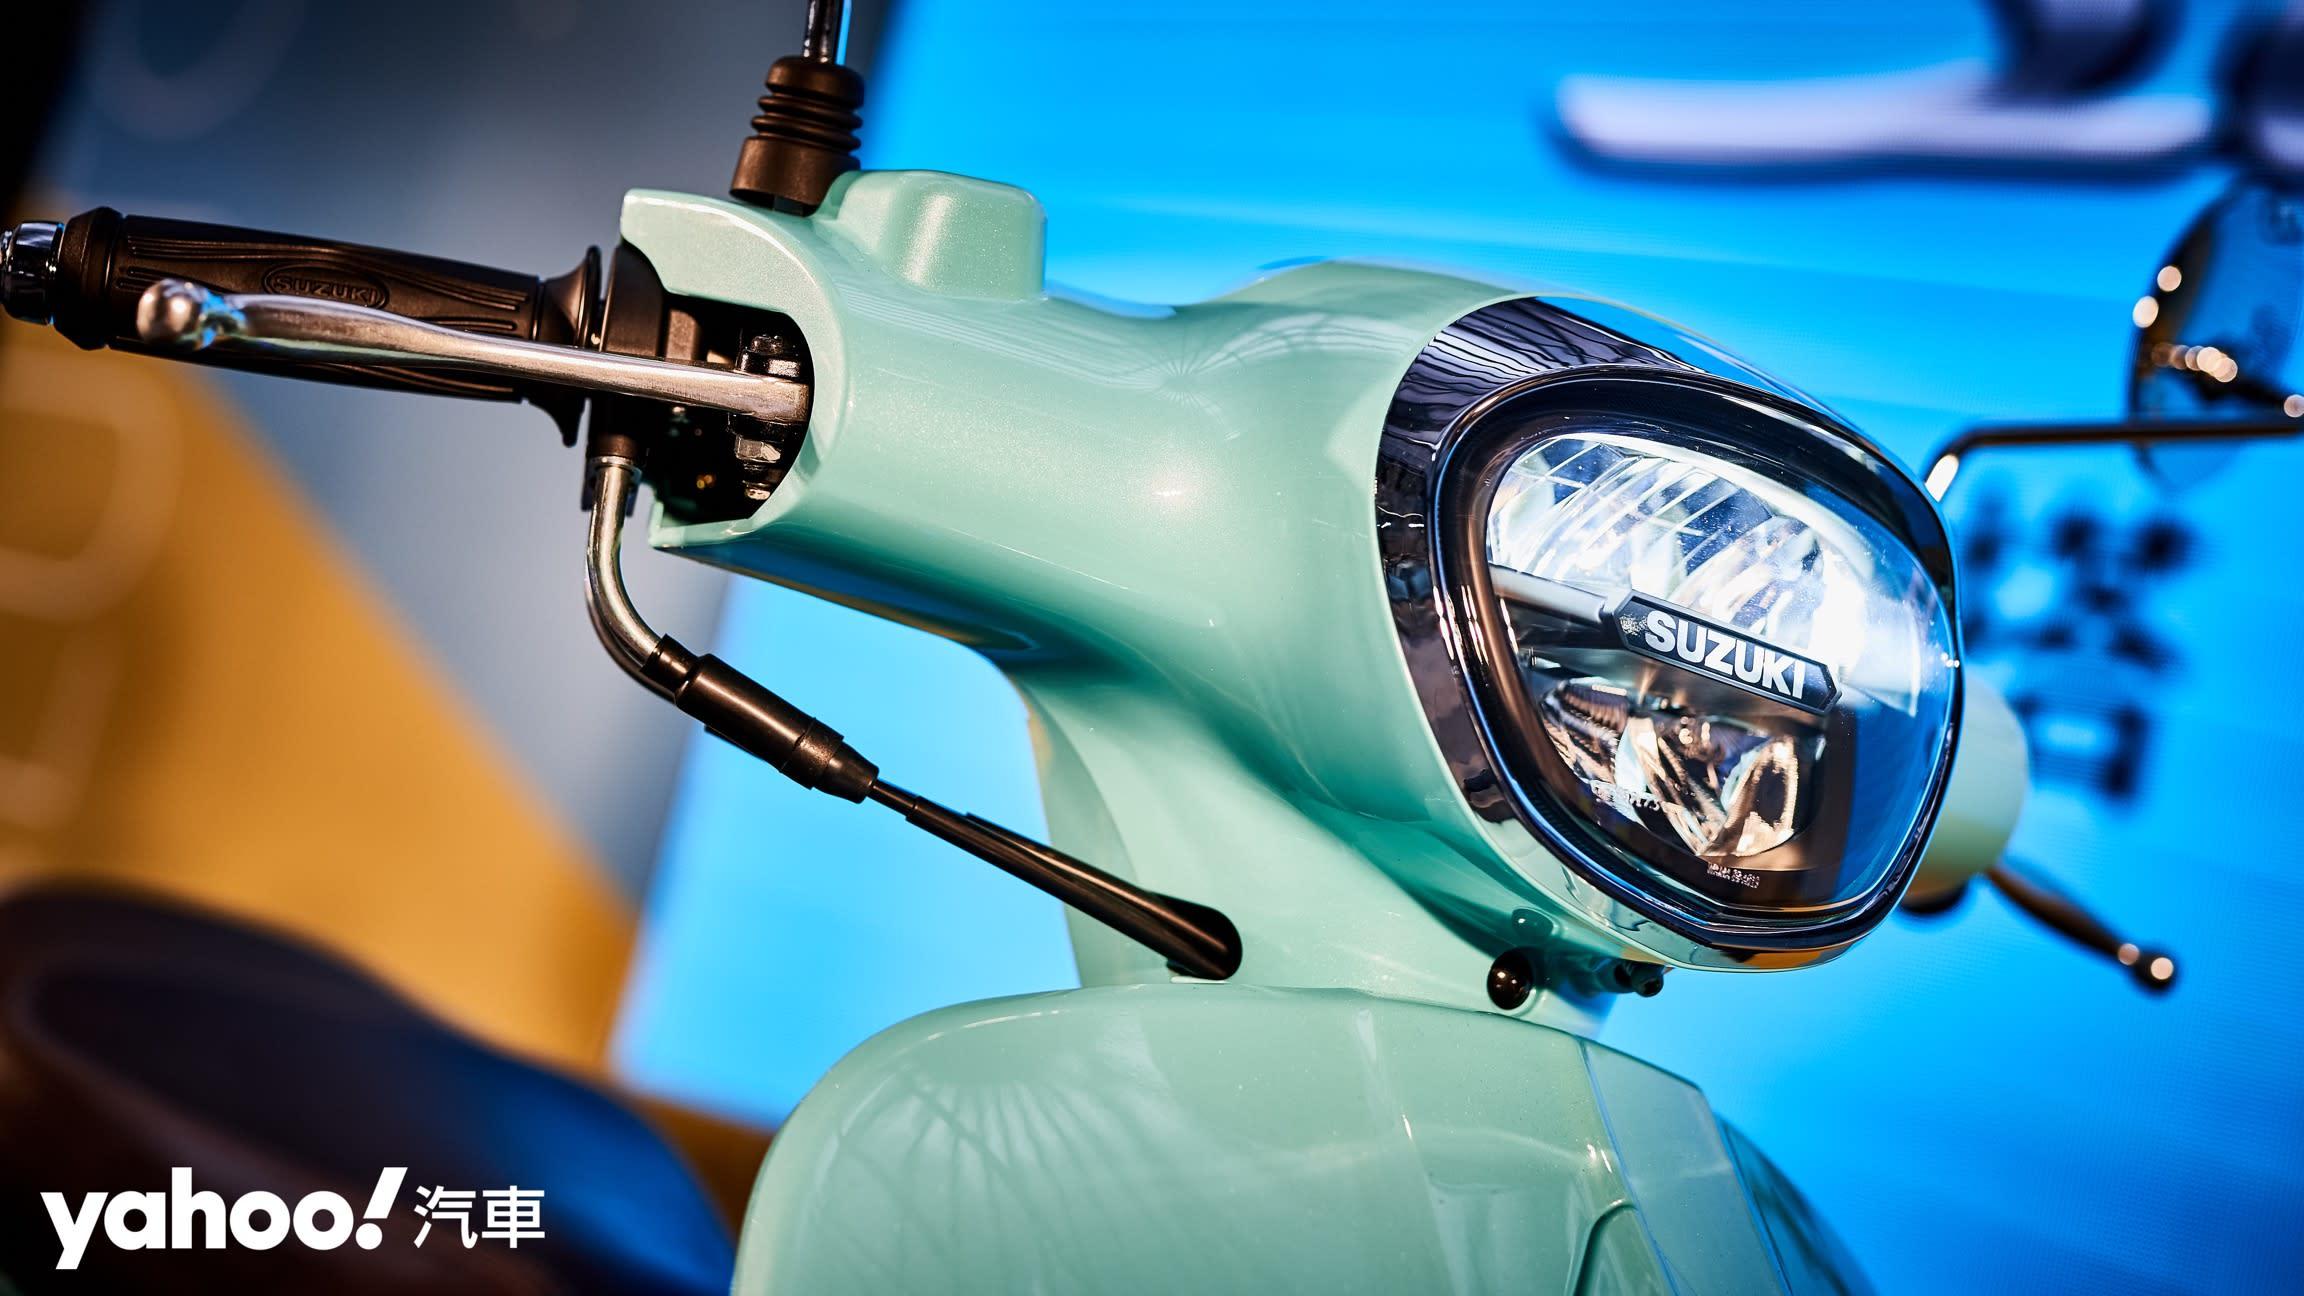 義式大和魂蹦出科技新滋味!2020 Suzuki Saluto 125正式發表! - 2